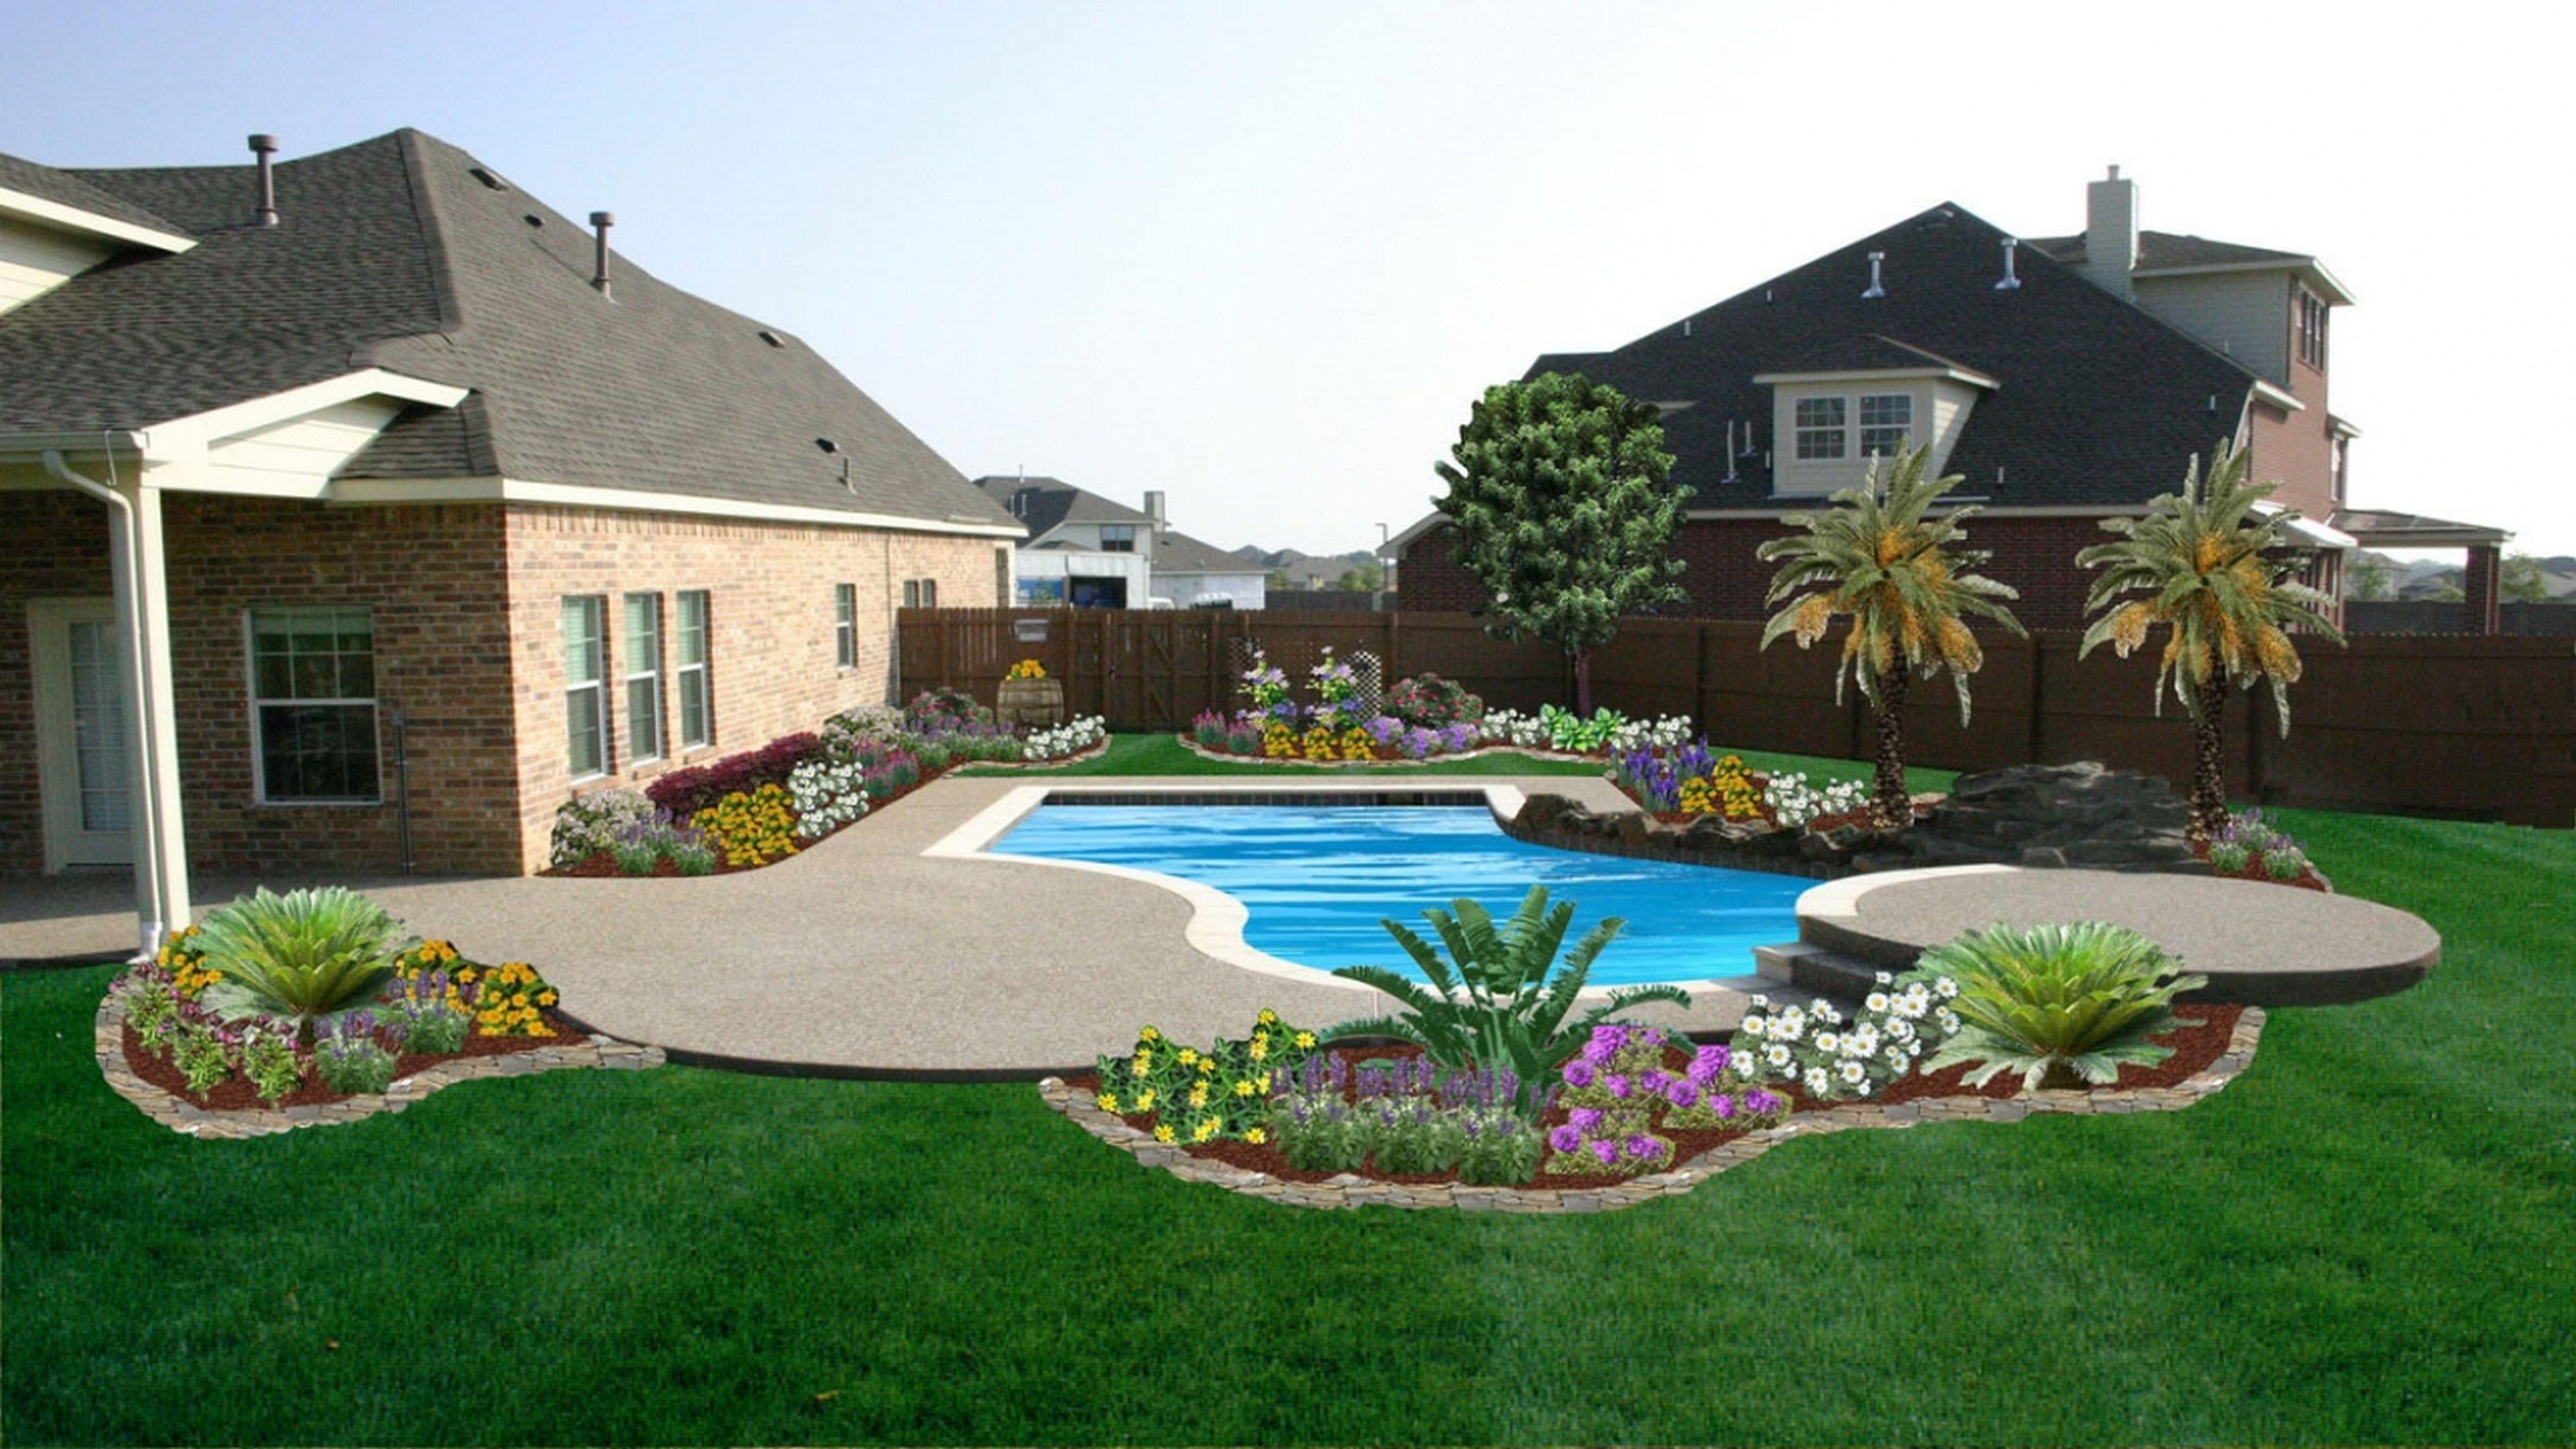 10 Moderne Vorgarten Landschaftsbau Ideen   Kinderbett